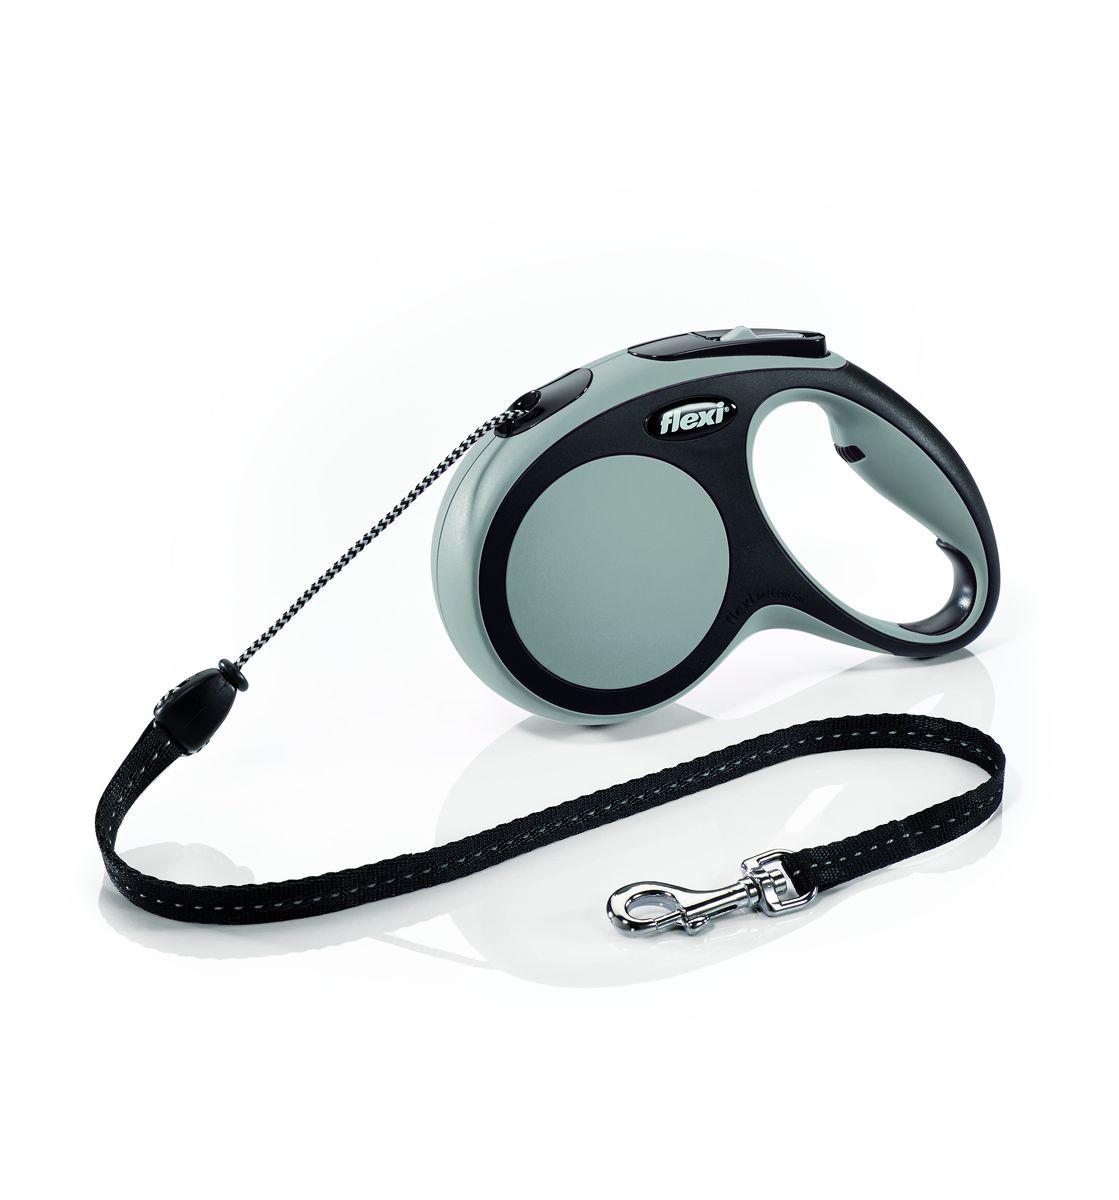 Поводок-рулетка Flexi New Comfort М, трос, для собак весом до 20 кг, цвет: черный, серый, 5 м0120710Тросовый поводок-рулетка обеспечивает каждой собаке свободу движения, что идет на пользу здоровью и радует вашего четвероногого друга. Рулетка очень проста в использовании. Оснащена кнопками кратковременной и постоянной фиксации. Рулетку можно оснастить - мультибоксом для лакомств или пакетиков для сбора фекалий, LED подсветкой корпуса.Прочный корпус, хромированная застежка и светоотражающие элементы.На рукоятке имеется колесико позволяющее адаптировать размер рукоятки под размер рукиДлина 5 м.Для собак весом до 20 кг.